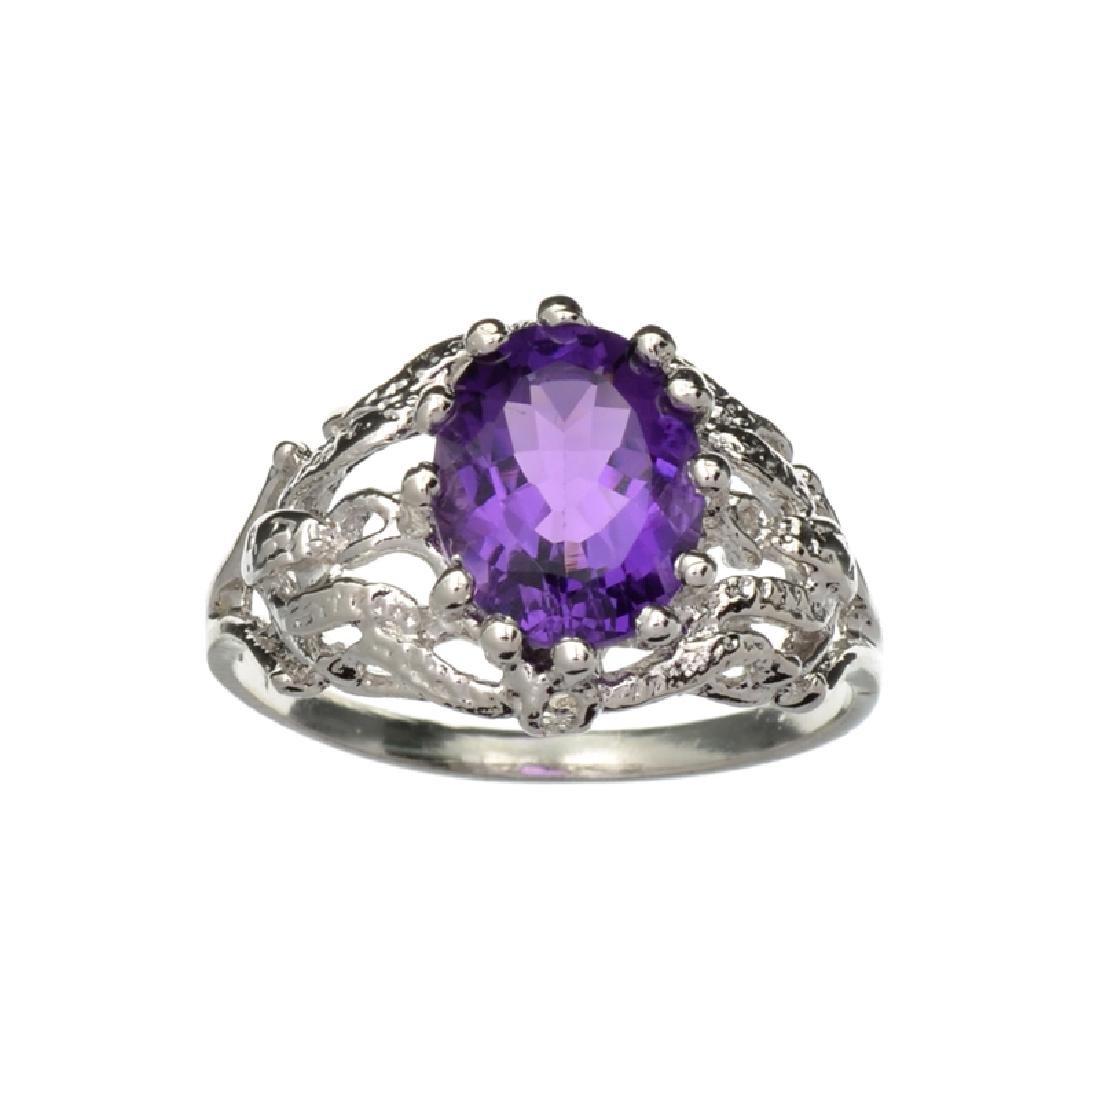 APP: 0.7k Fine Jewelry 2.00CT Oval Cut Amethyst Quartz